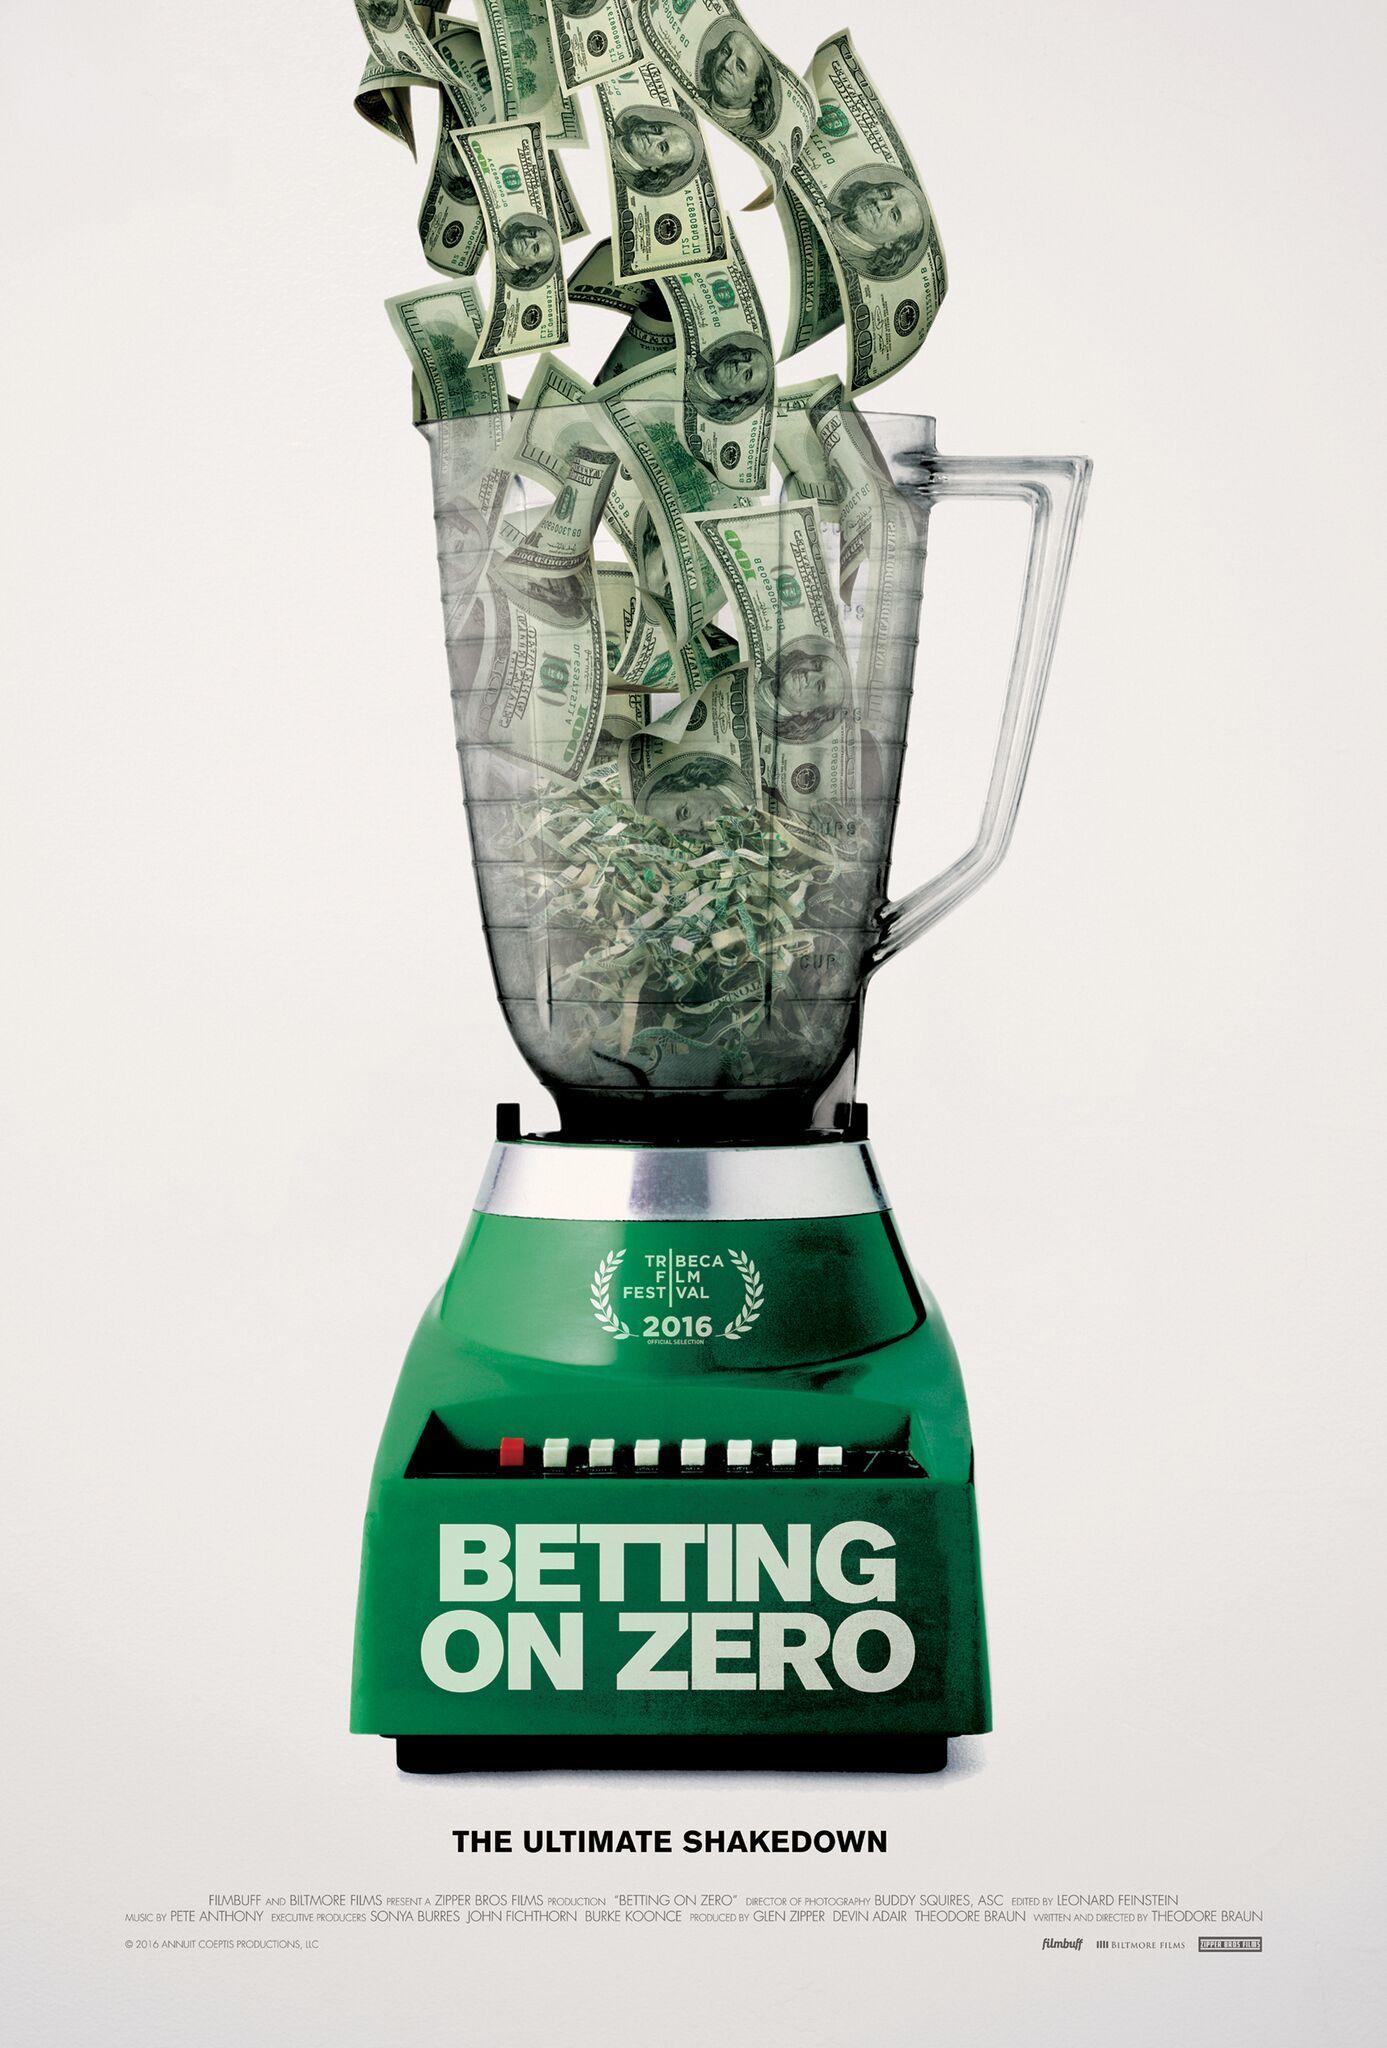 Betting on Zero Free movies online, Full movies, Full